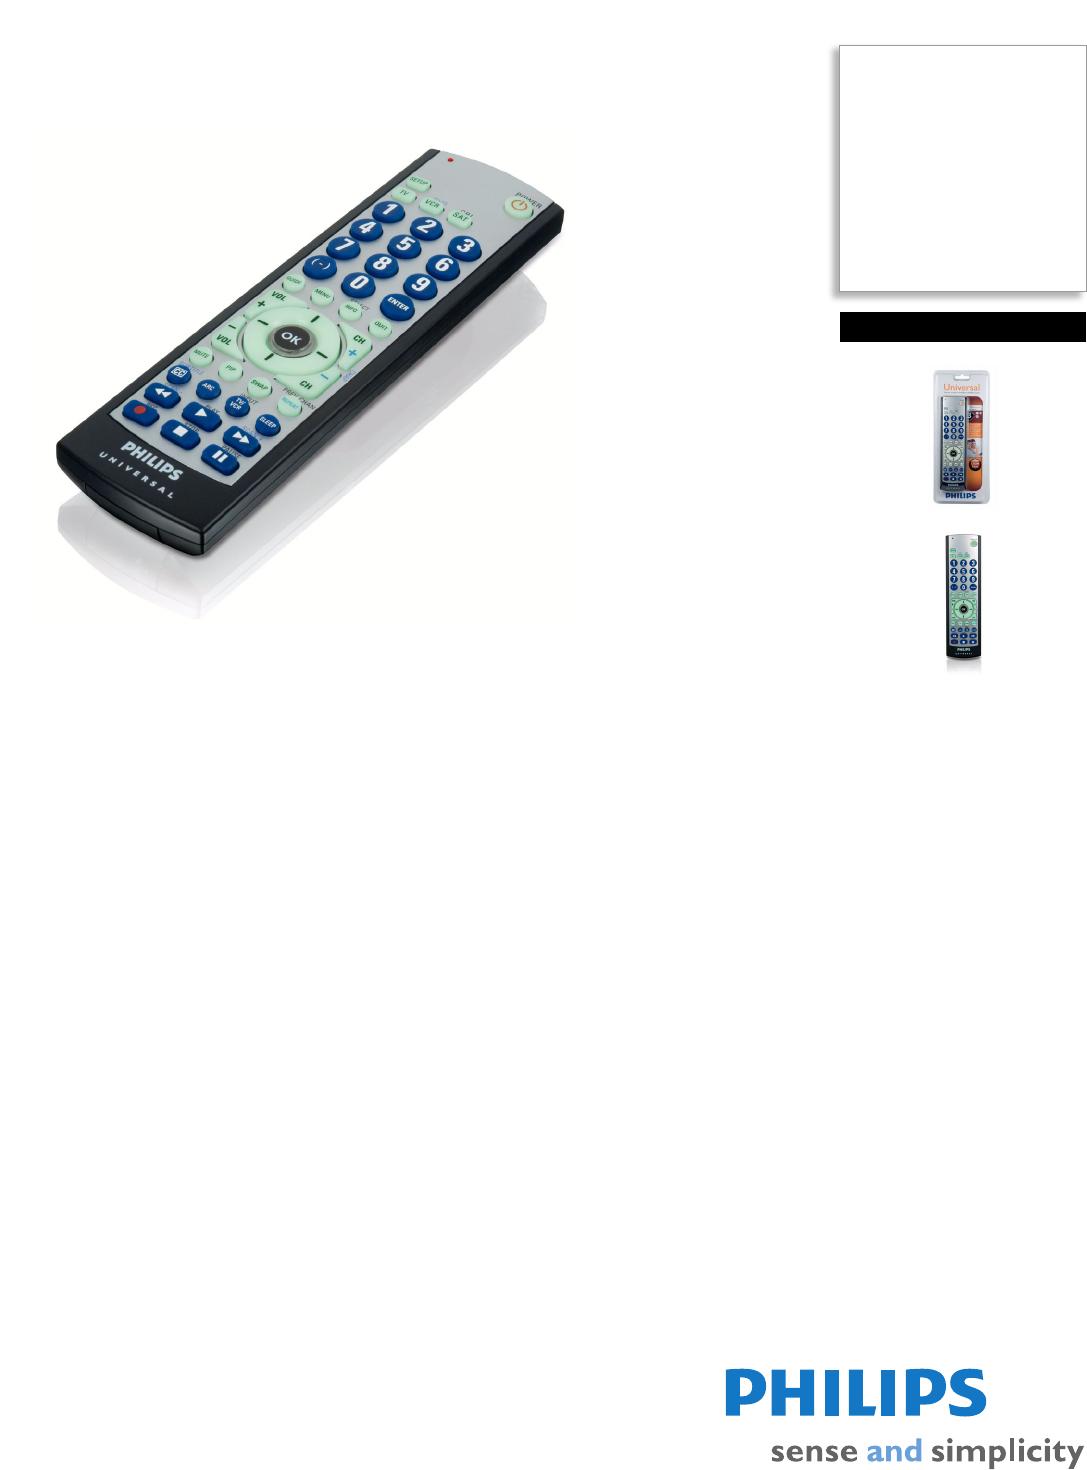 univex universal remote sru3003wm user guide manualsonline com rh tv manualsonline com Univex Patty Press Meat Grinder Attachment